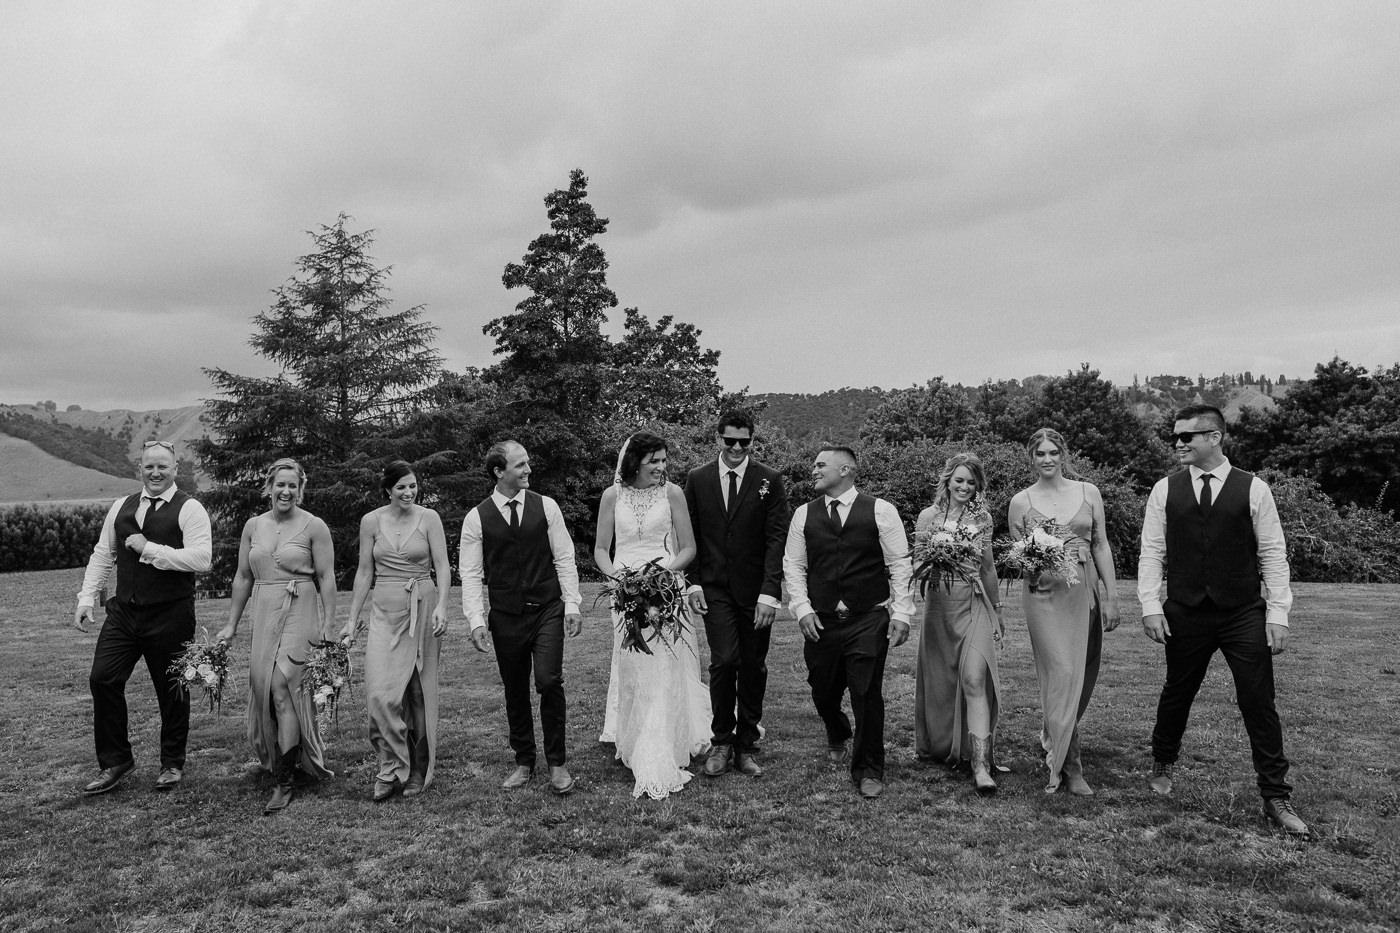 nz_wedding_photographer_gisborne-1046.jpg